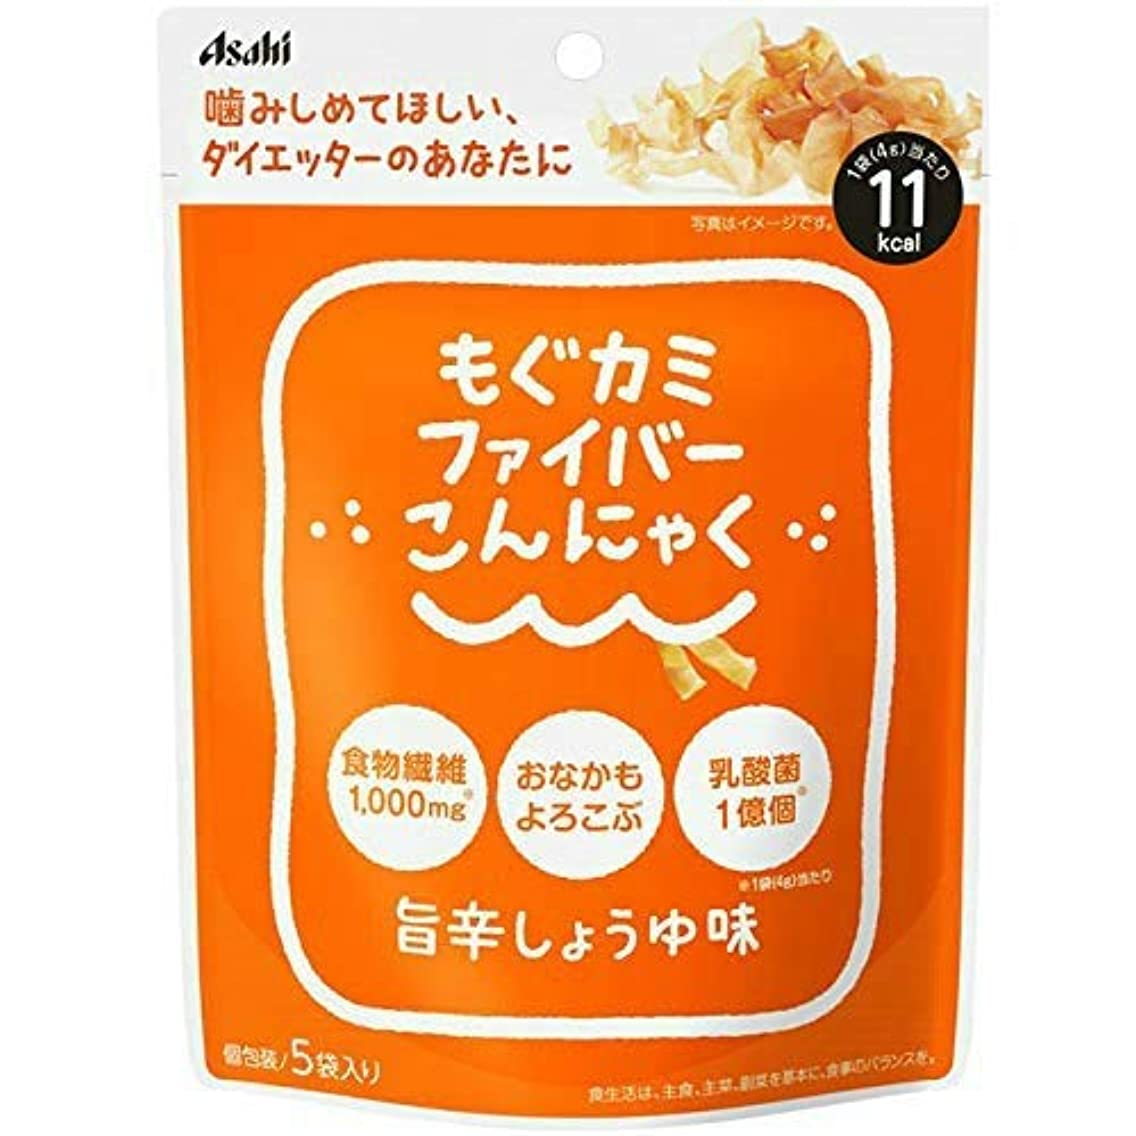 伝染性カフェ属する◆アサヒグループ食品 もぐカミファイバーこんにゃく 旨辛しょうゆ味 4g×5袋